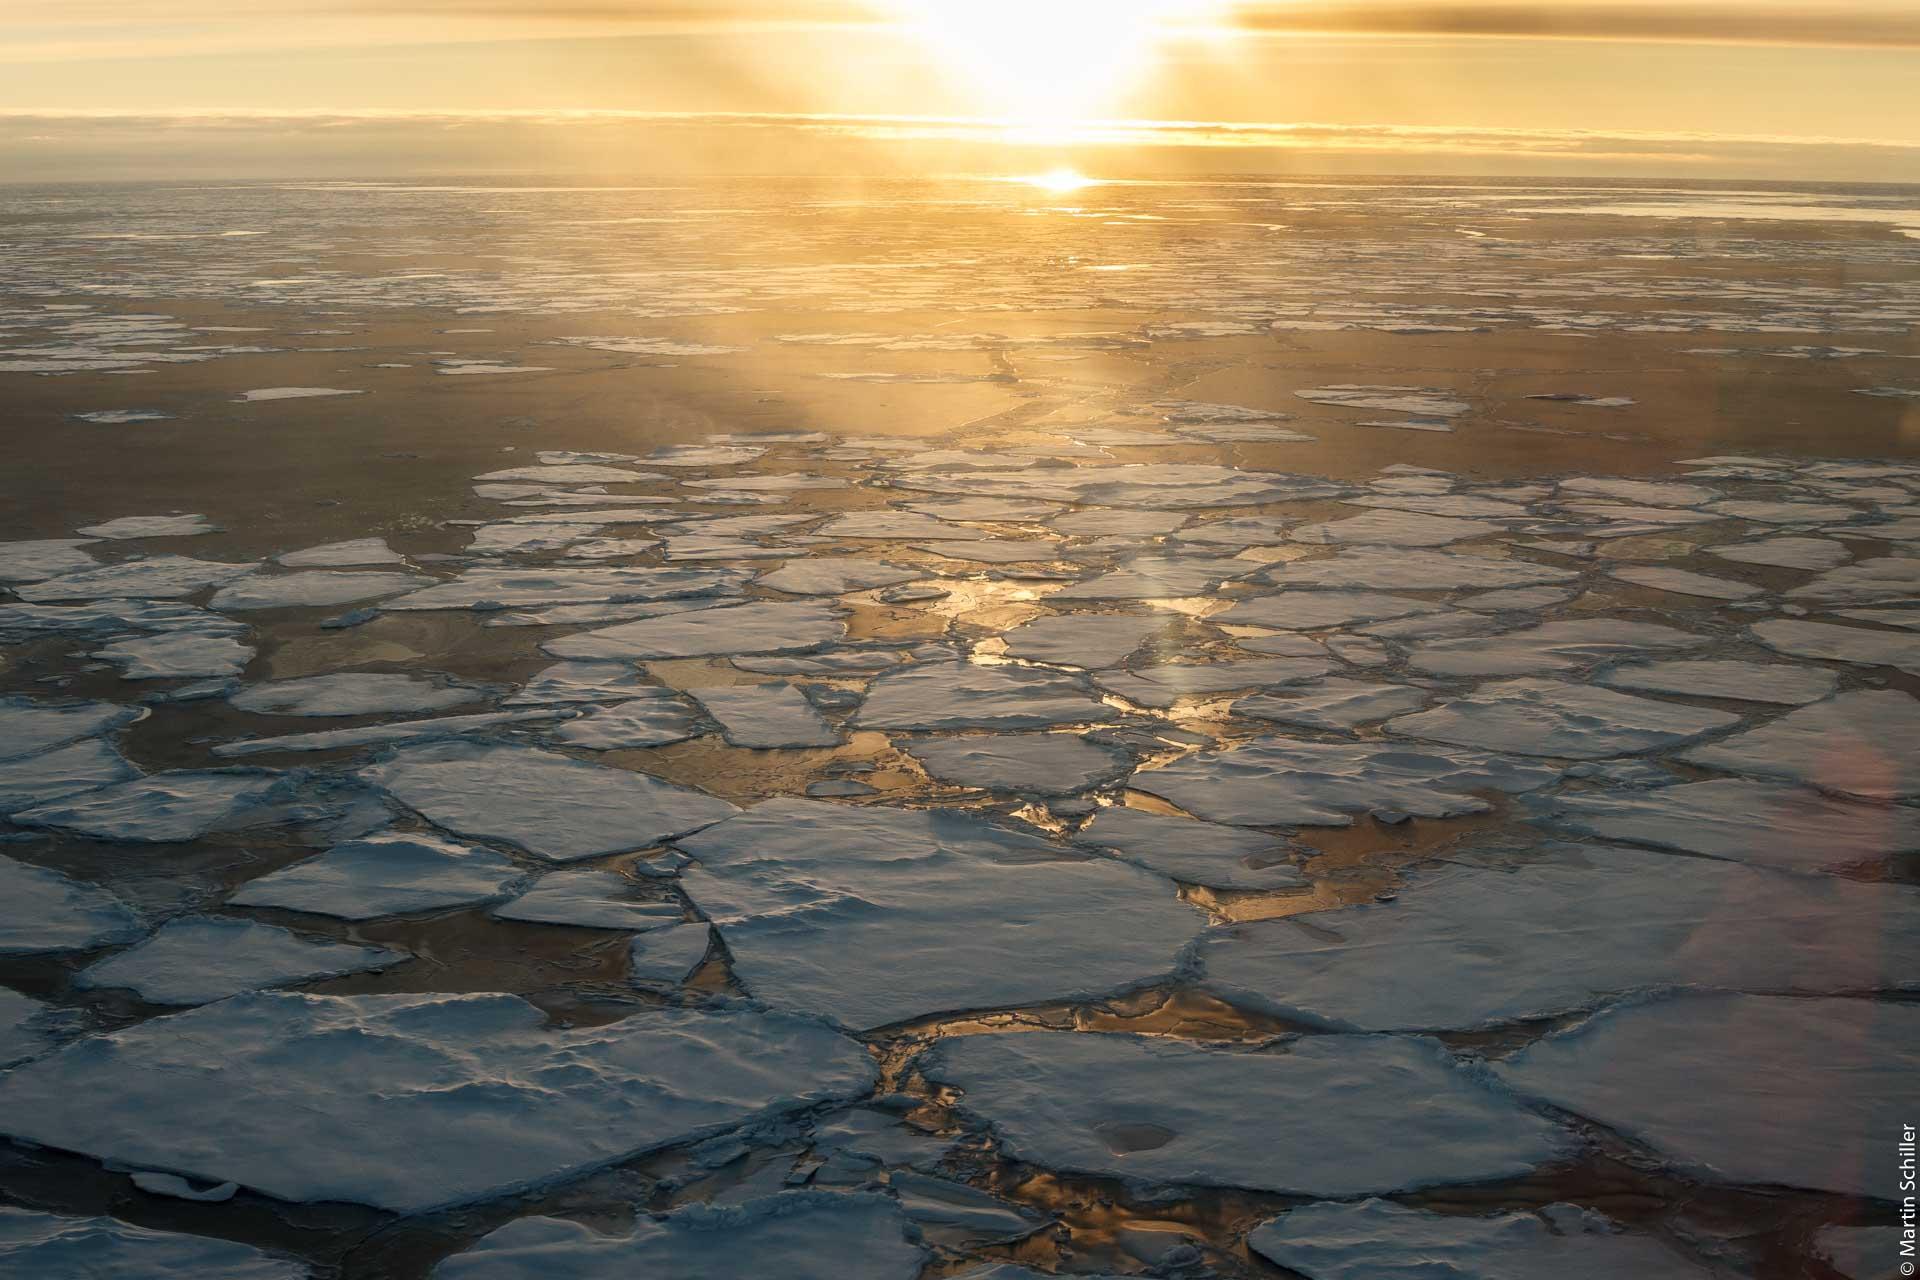 Wie verändert sich das Meereis in der Arktis und der Antarktis? (FAQ 4.1)